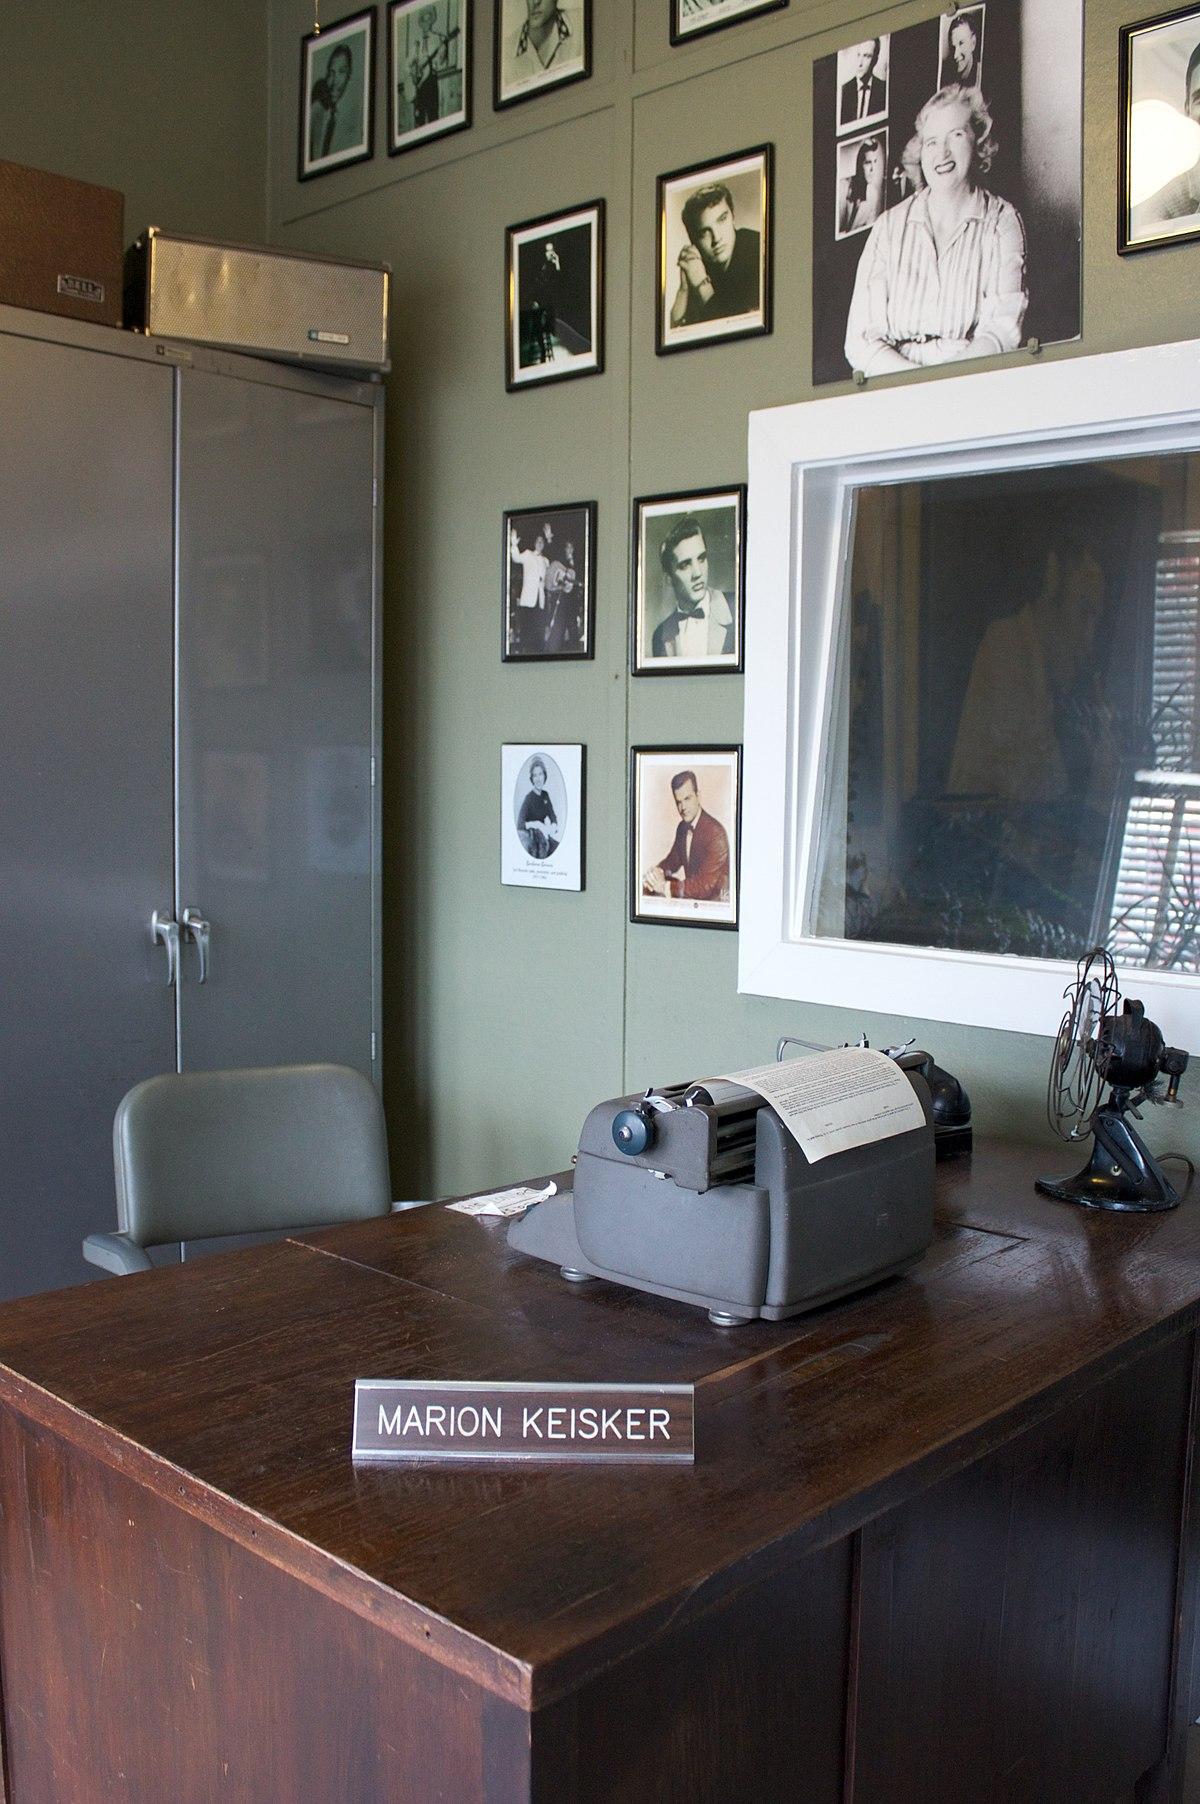 Marion Keisker - Wikipedia